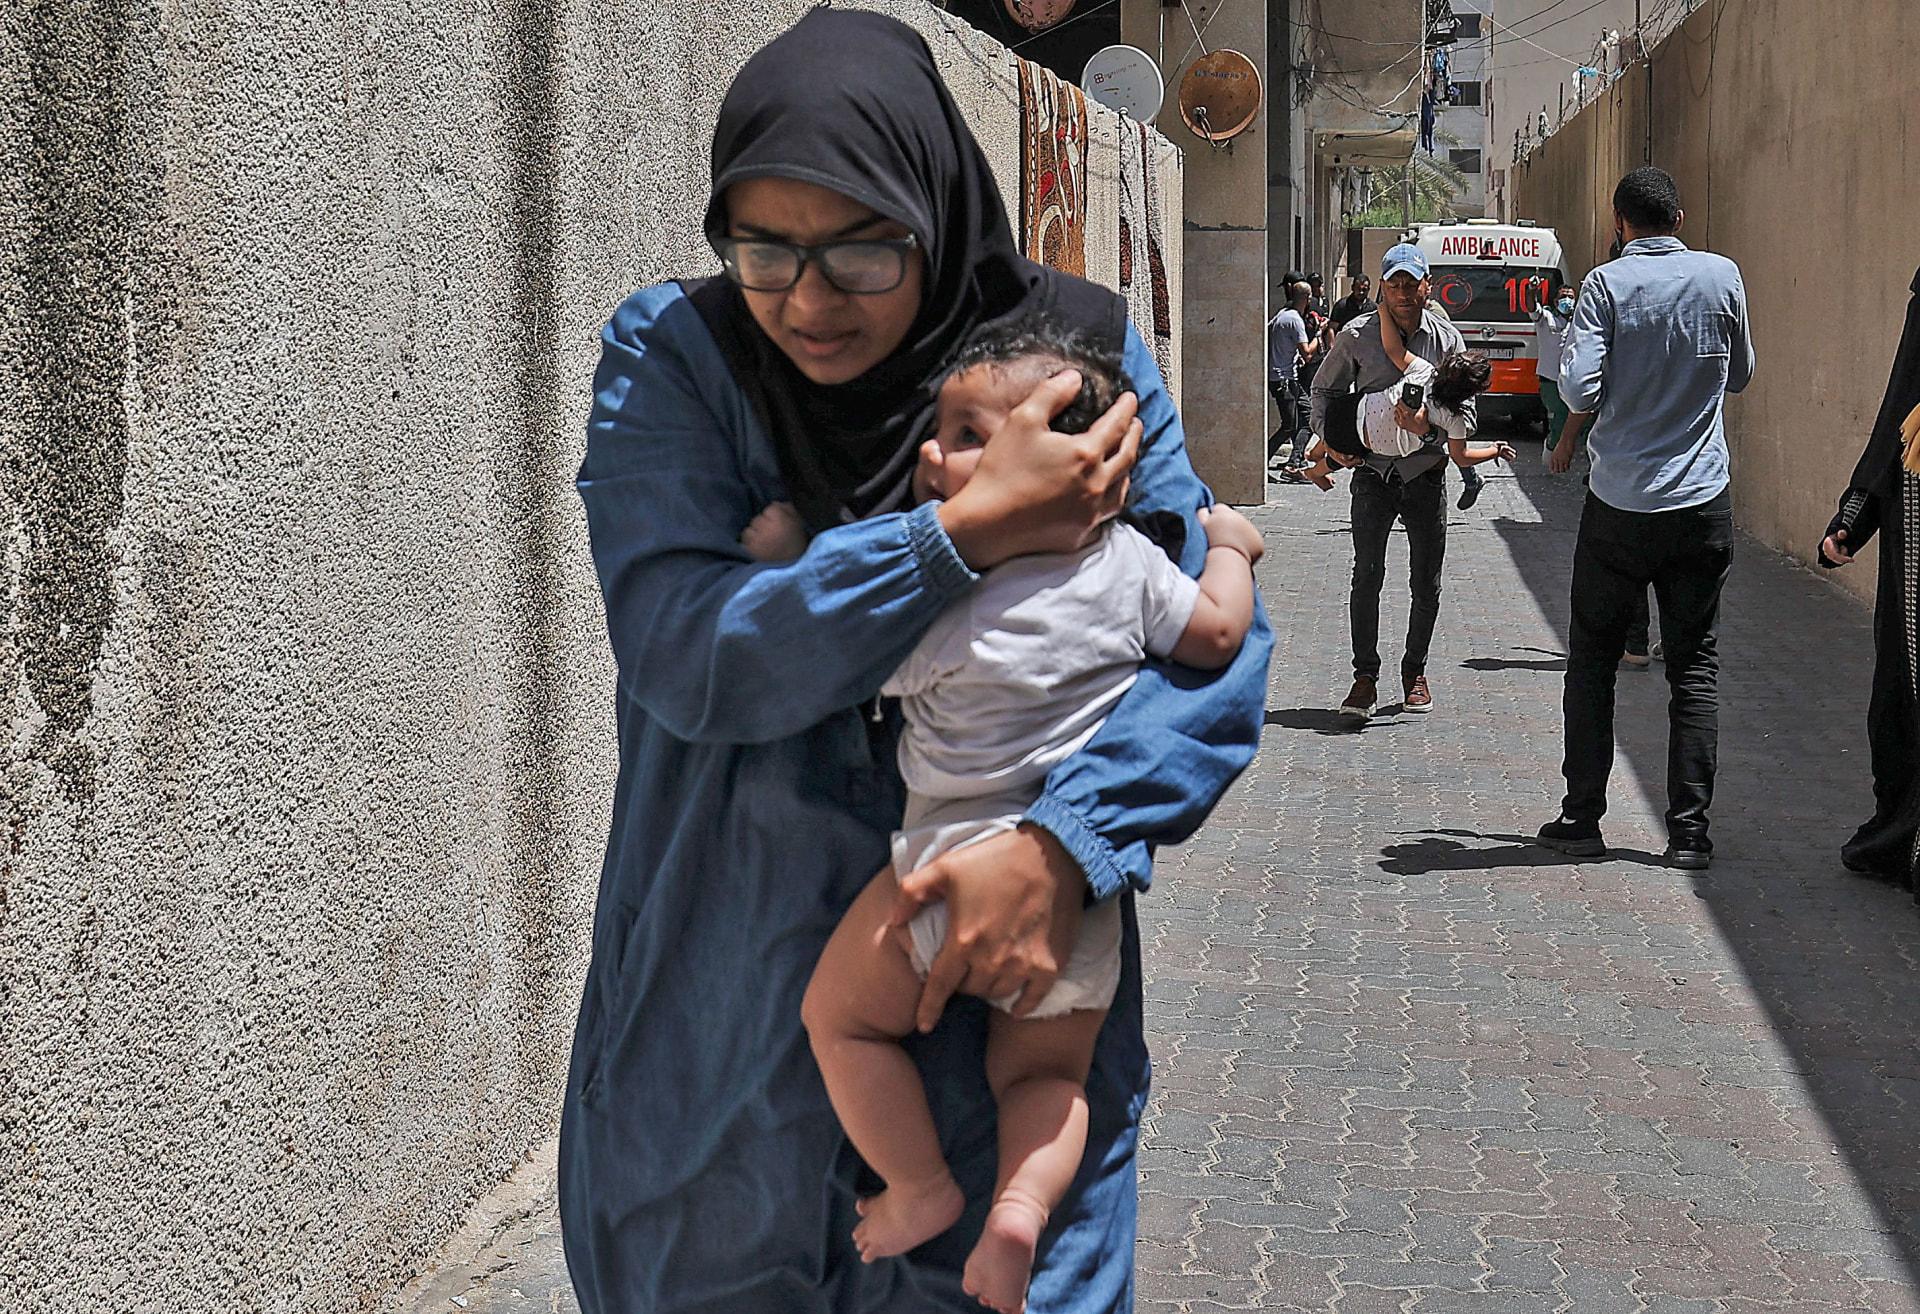 ارتفاع عدد القتلى في غزة إلى 48 بينهم 14 طفلاً.. وإصابة أكثر من 300